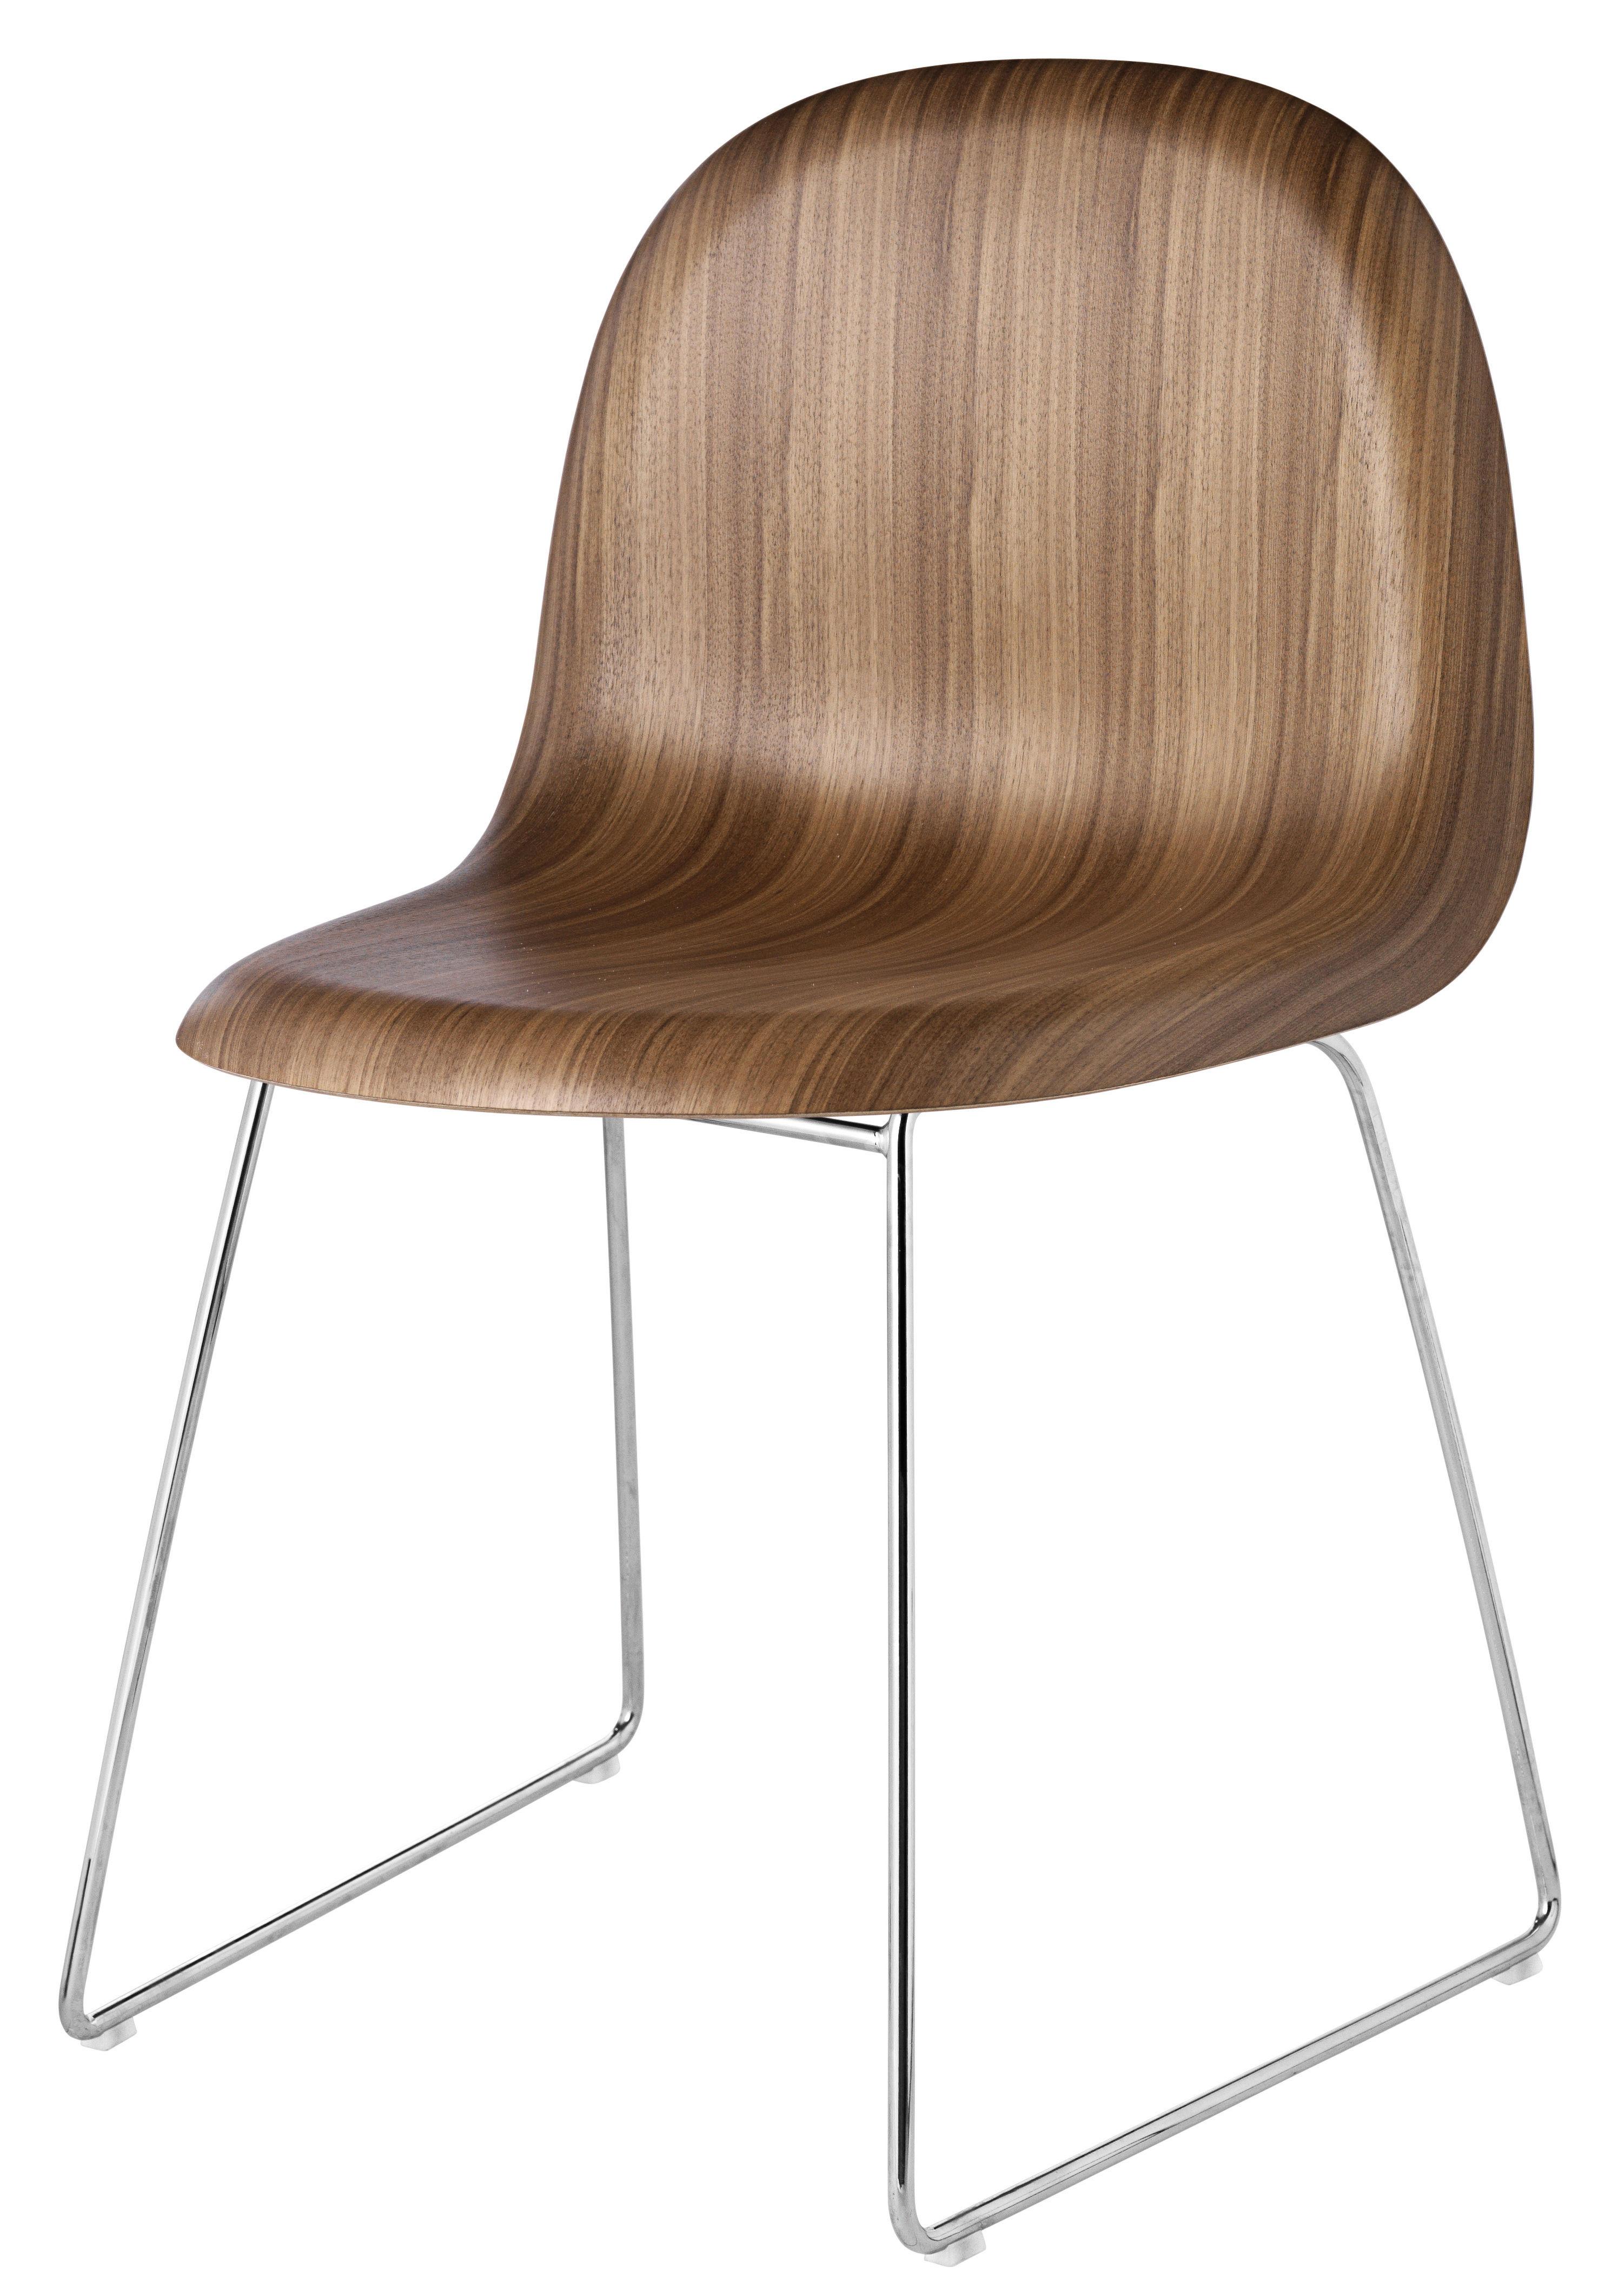 Möbel - Stühle  - 3D Stuhl Kufengestell - Schale aus Nussbaum - Gubi - Schale Nussbaum / Gestell verchromt - Nußbaumfurnier, verchromter Stahl